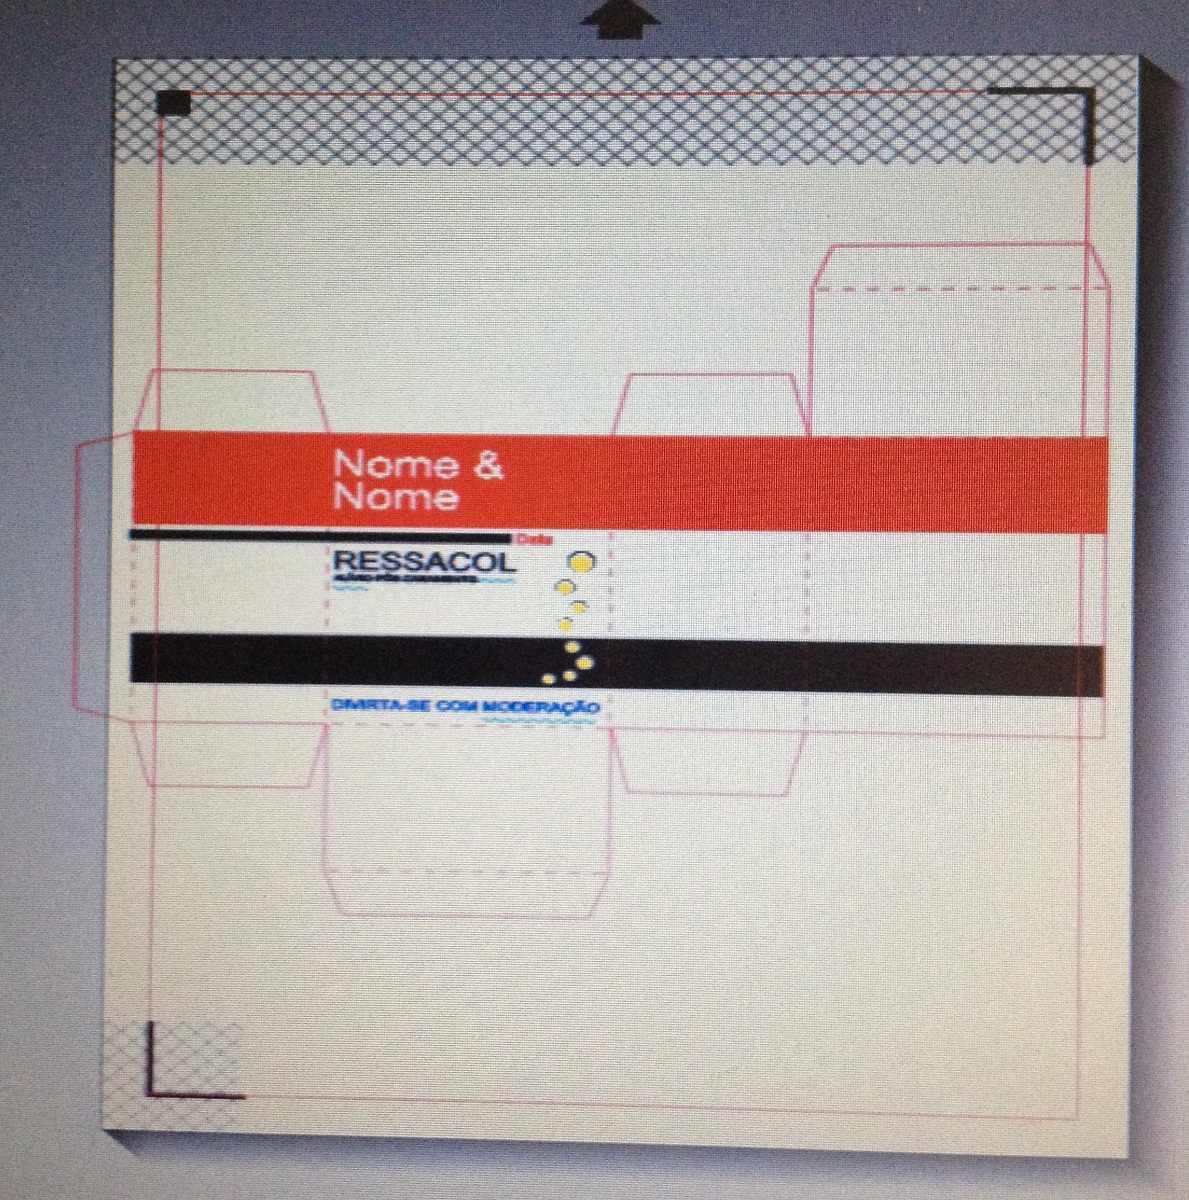 Arquivo Silhouette Caixa Kit Ressaca - R  8,00 em Mercado Livre 3f96df5da1